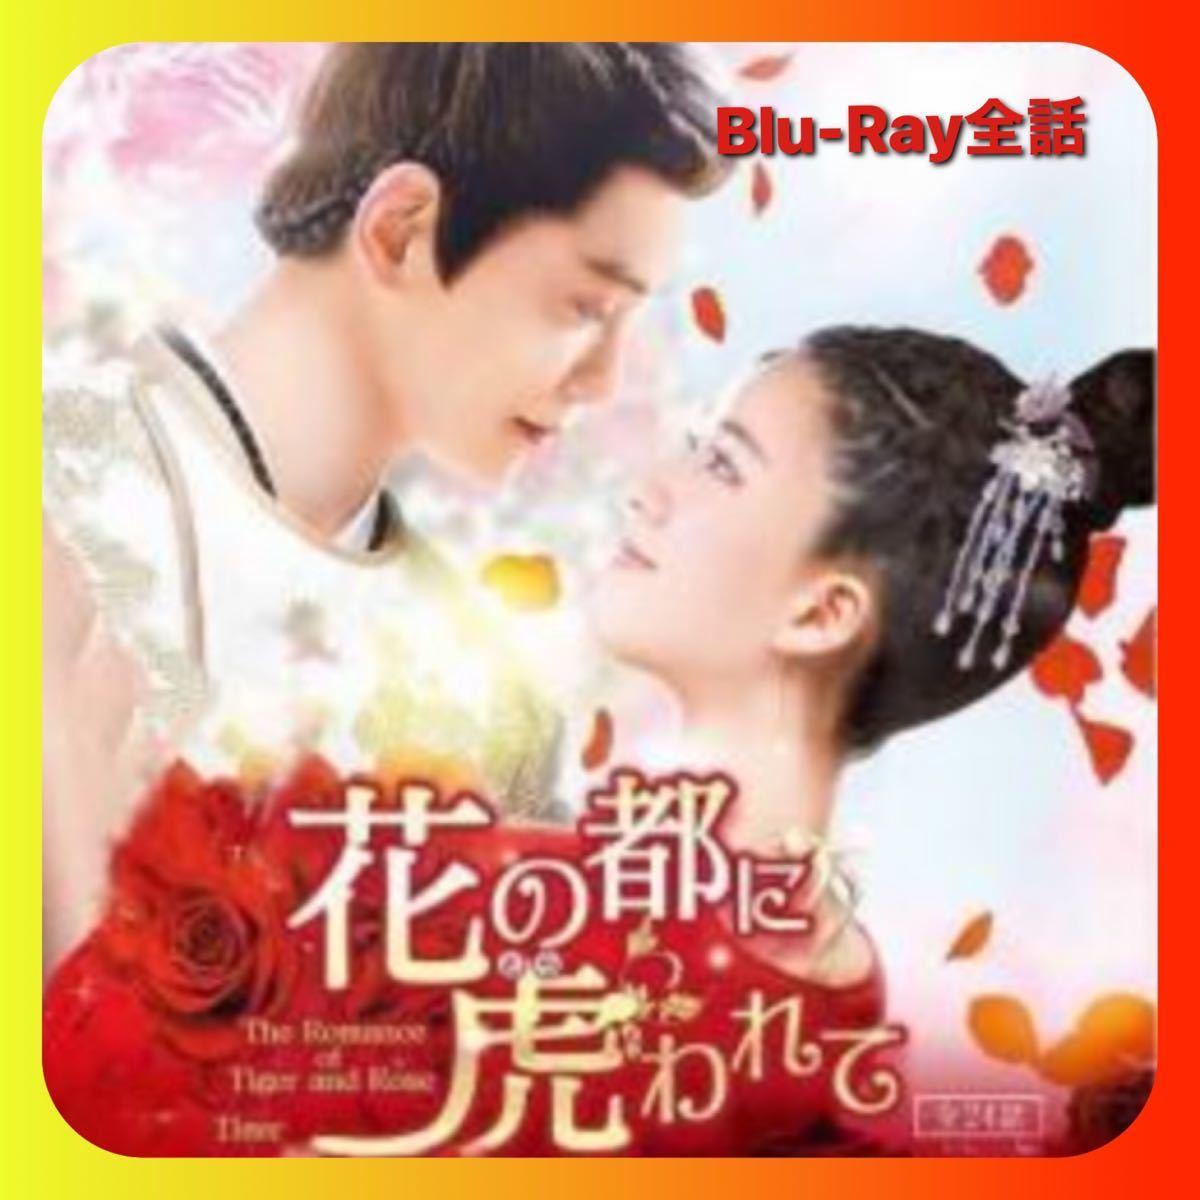 中国ドラマ 花の都に虎われて Blu-Ray全話